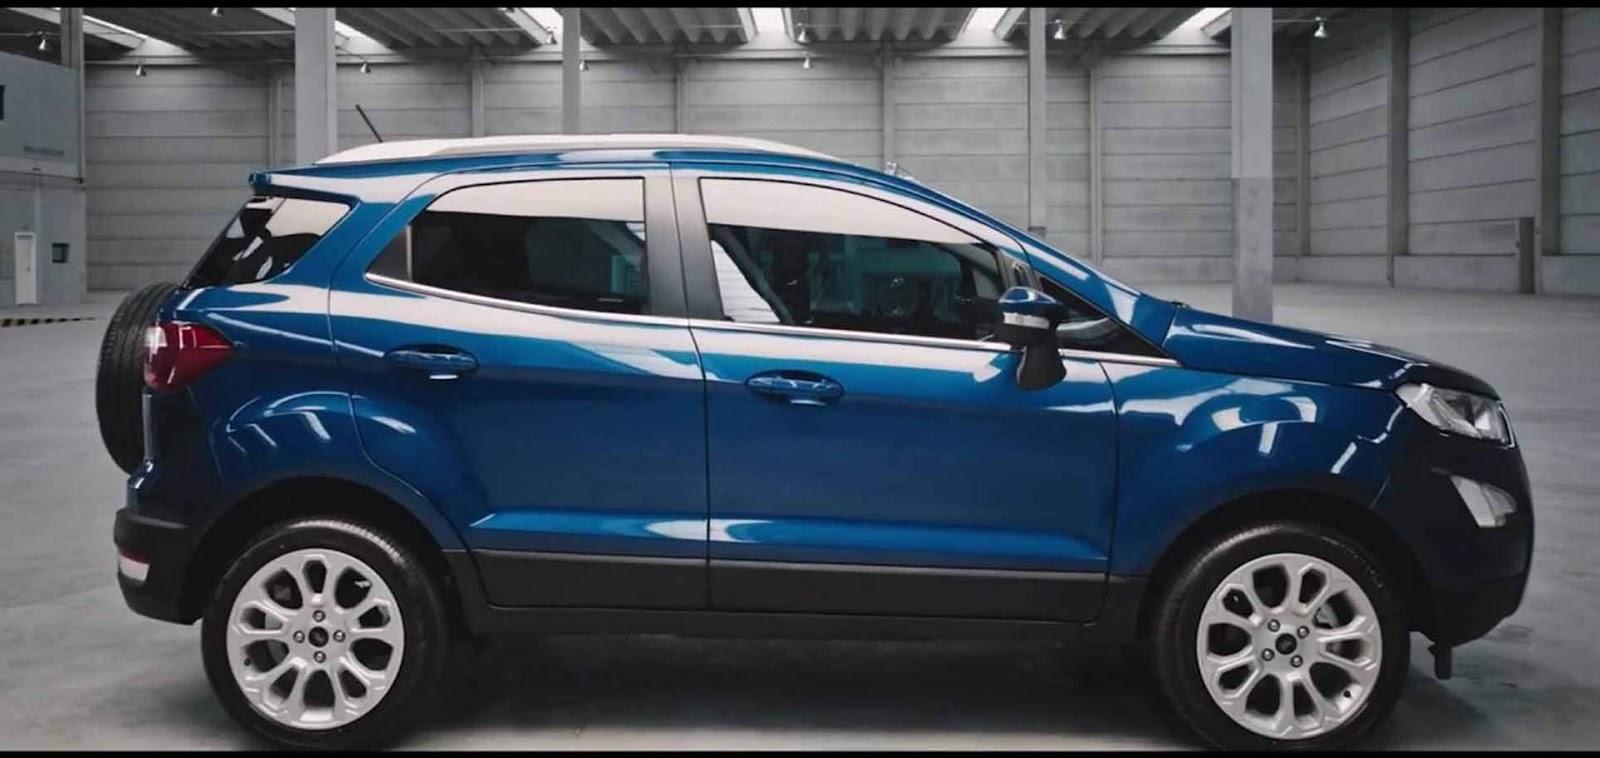 Novo Ford Ecosport 2018 Teaser Oficial Mostra Detalhes